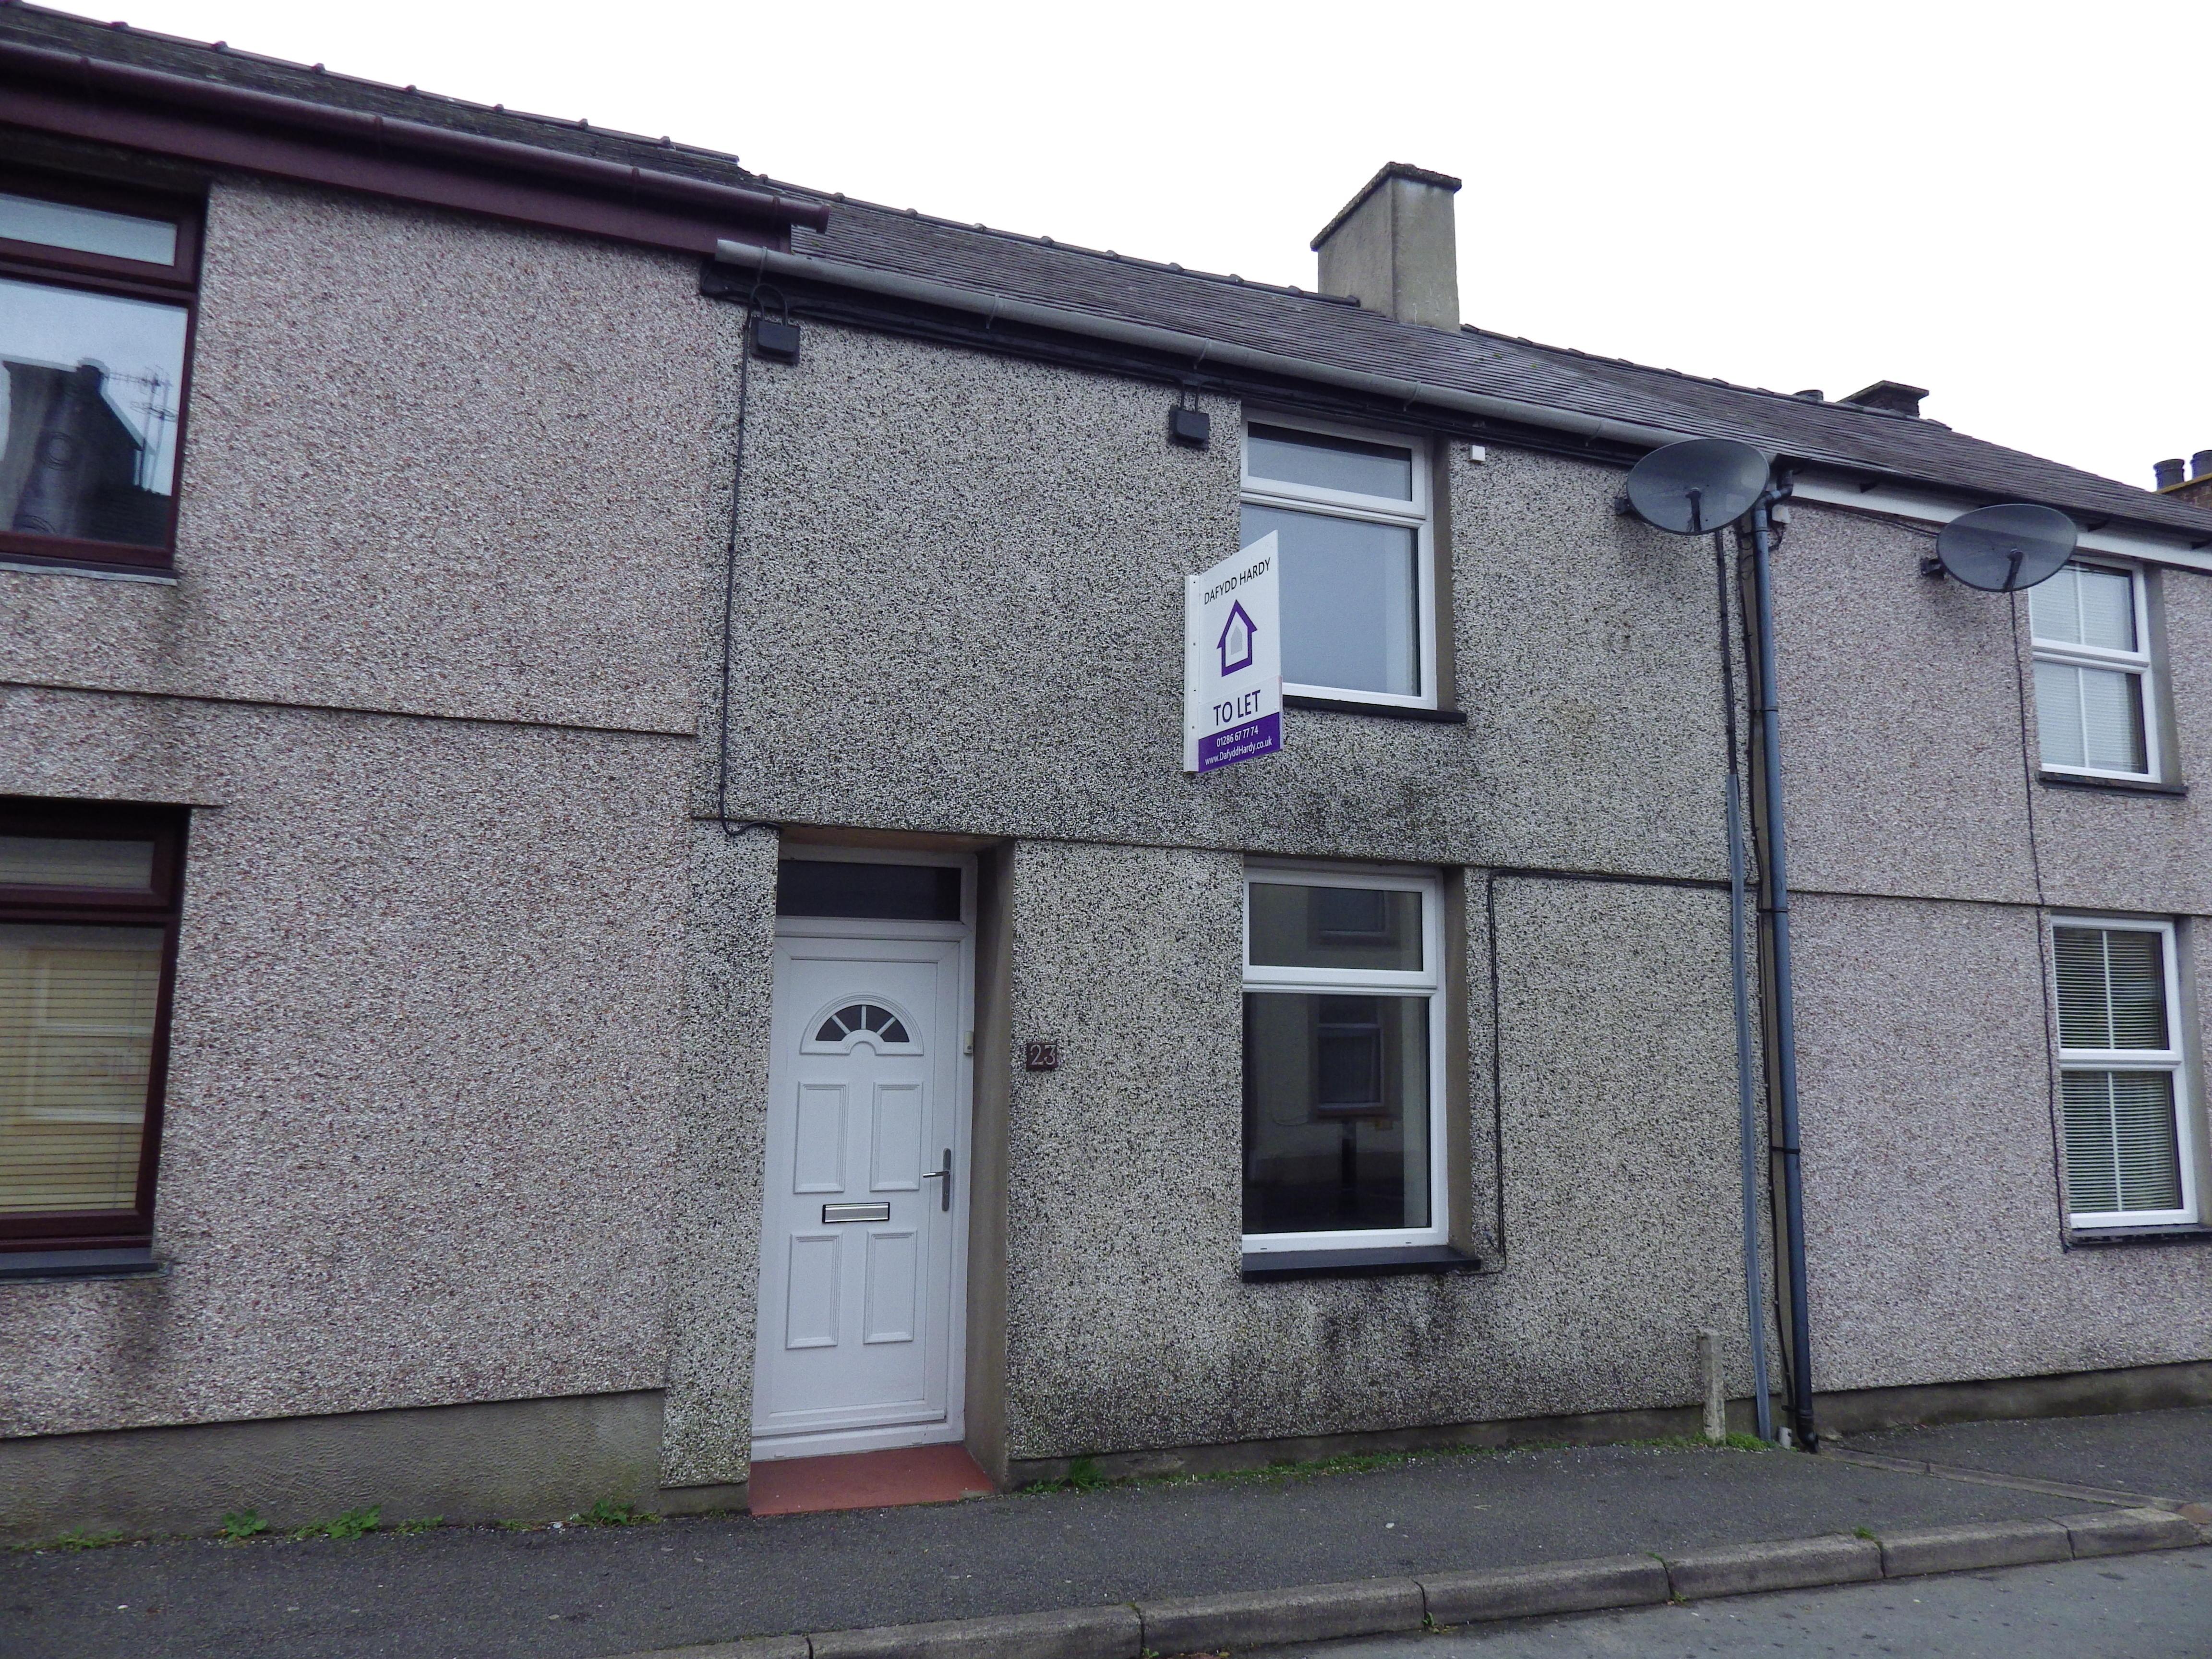 Rhedyw Road, Llanllyfni, Caernarfon